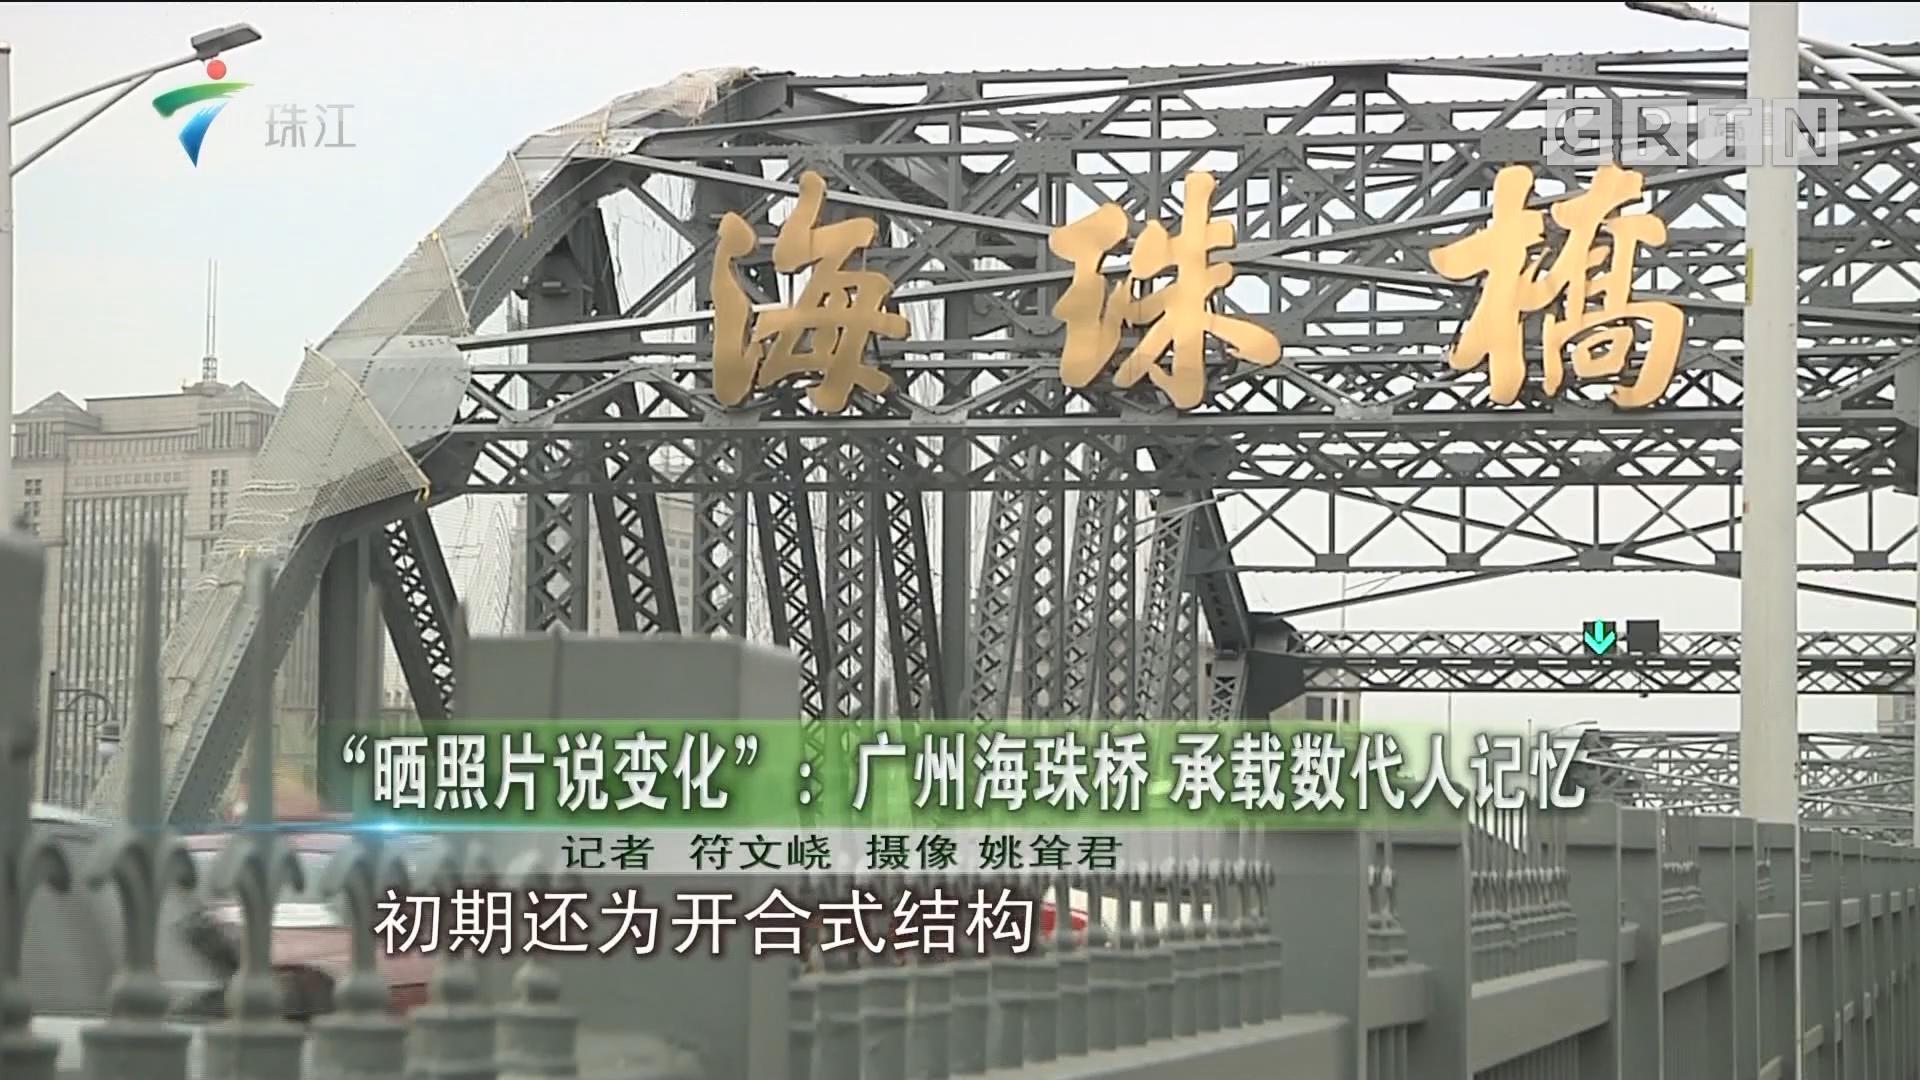 """""""晒照片说变化"""":广州海珠桥 承载数代人记忆"""